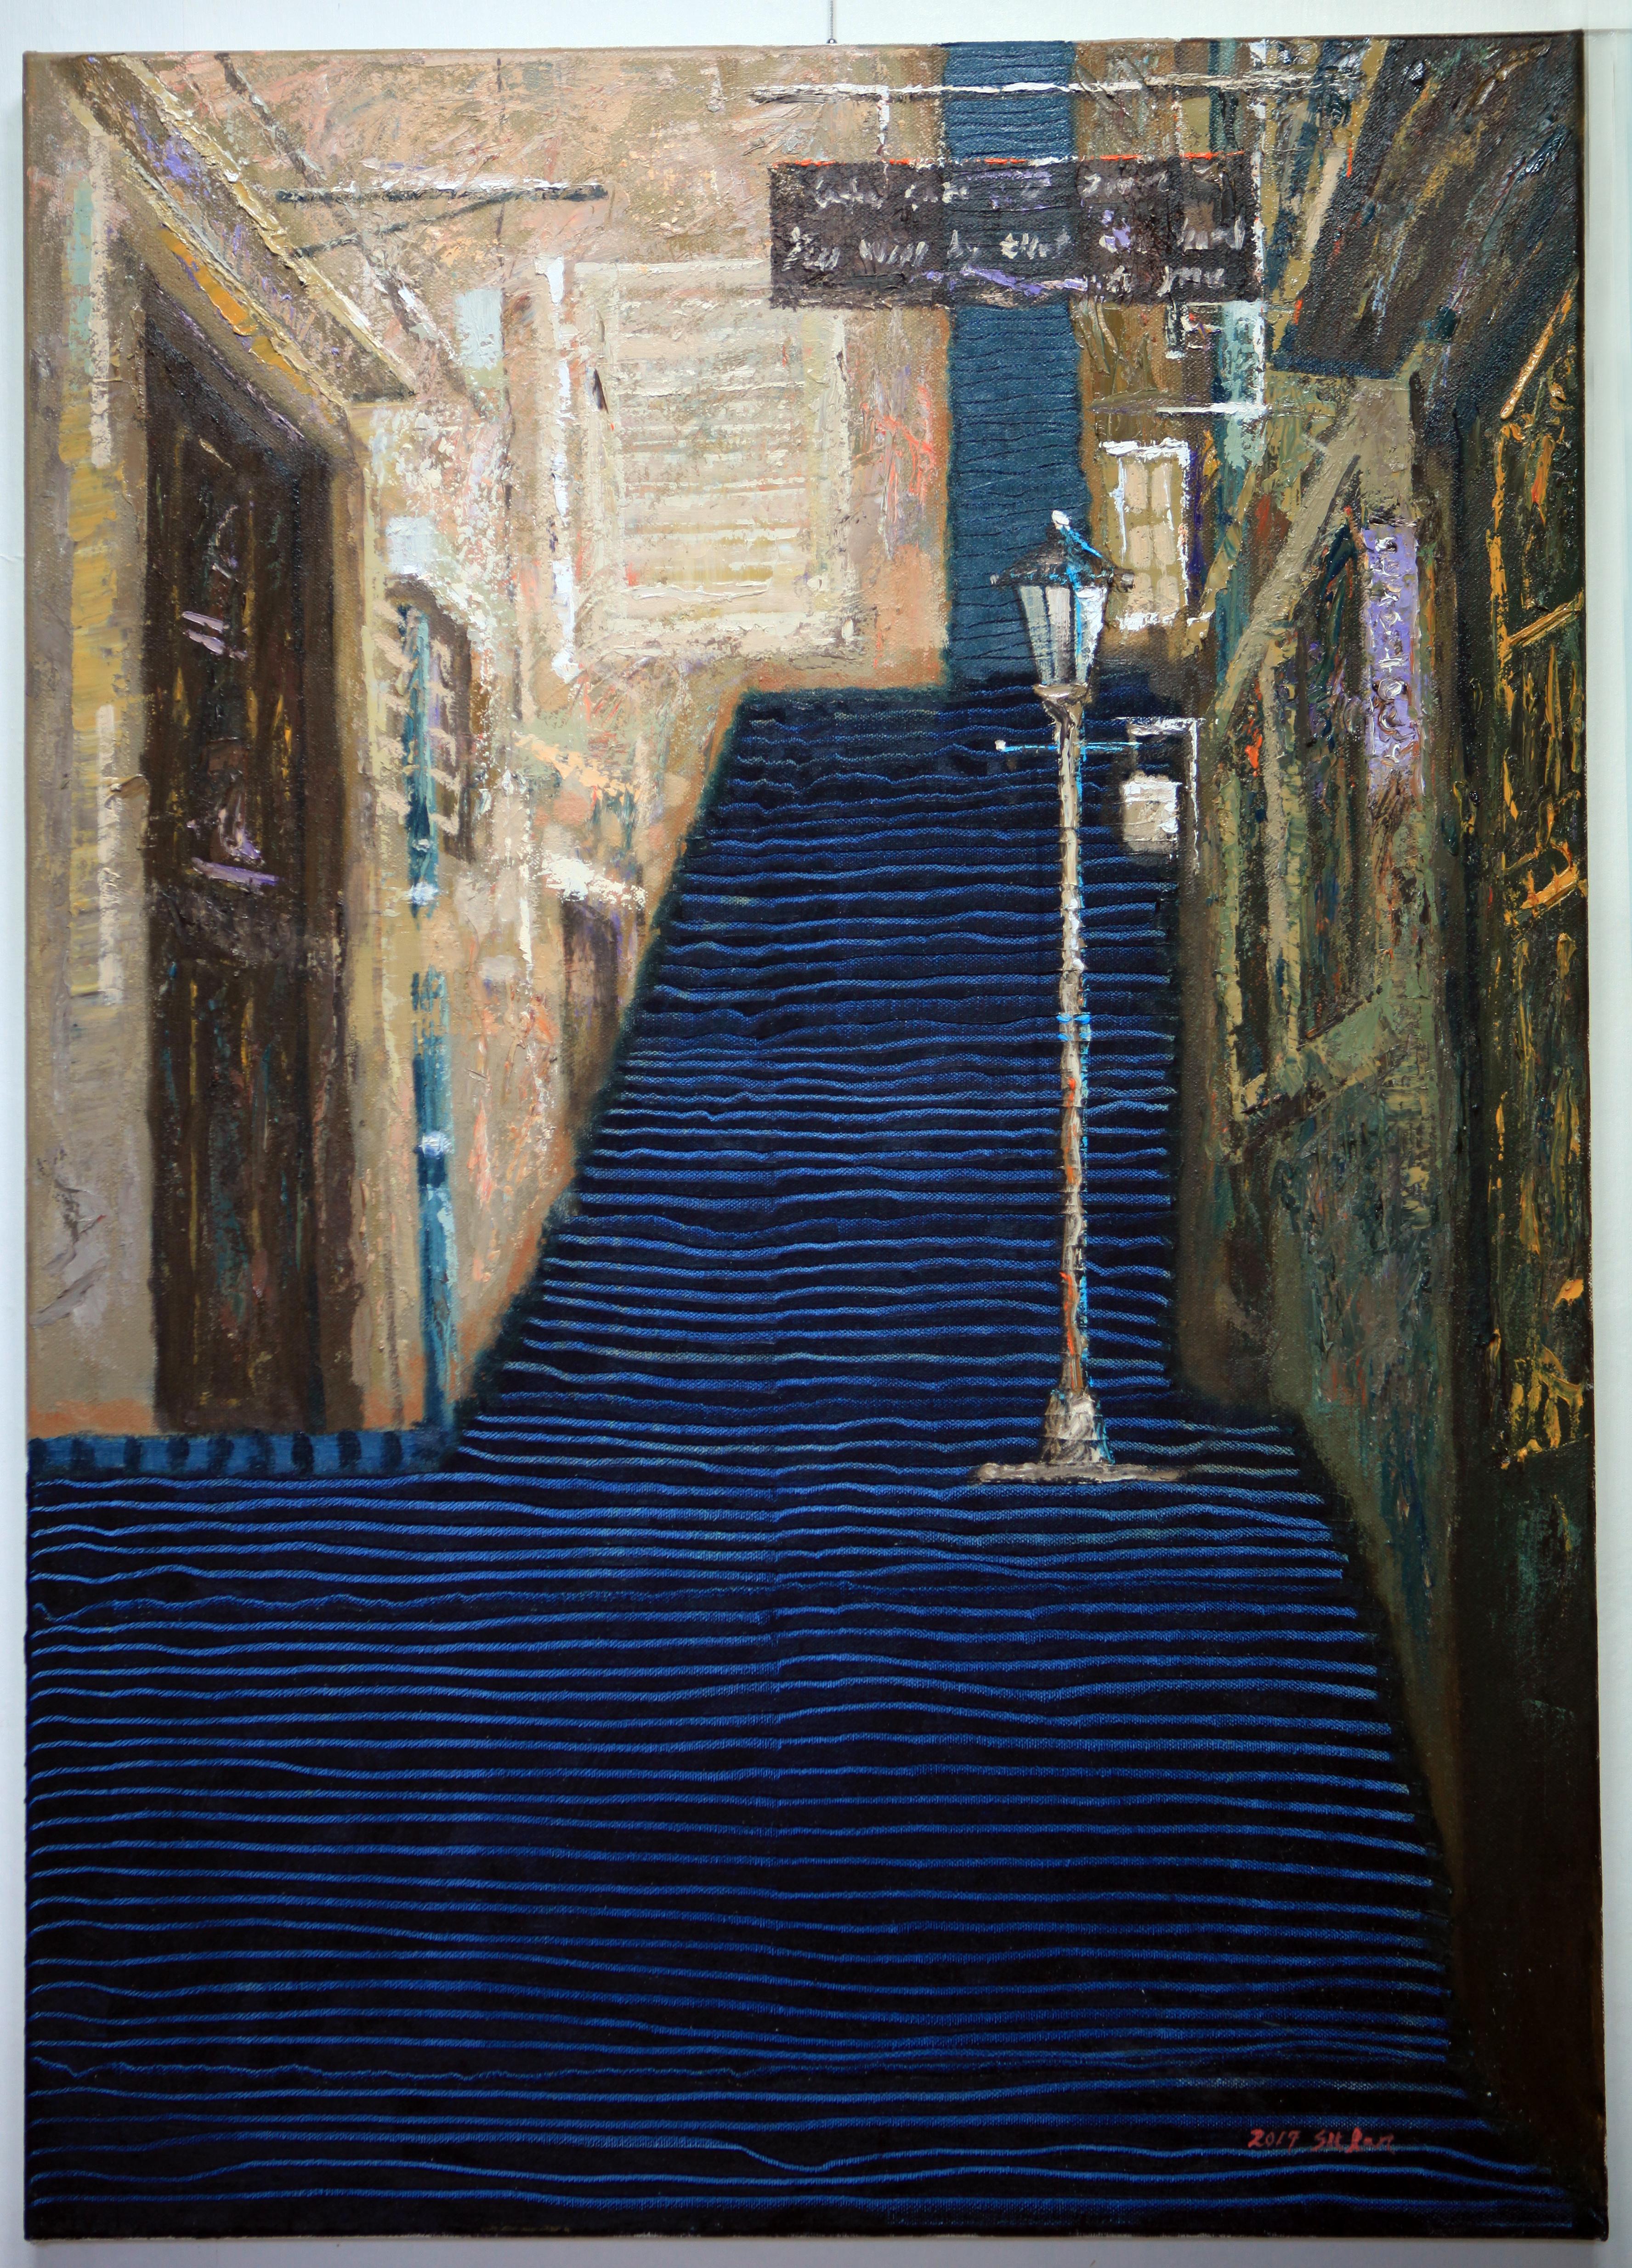 (최수란 3) _ 체코의 골목길,65x91cm-30호,,oil on canvas